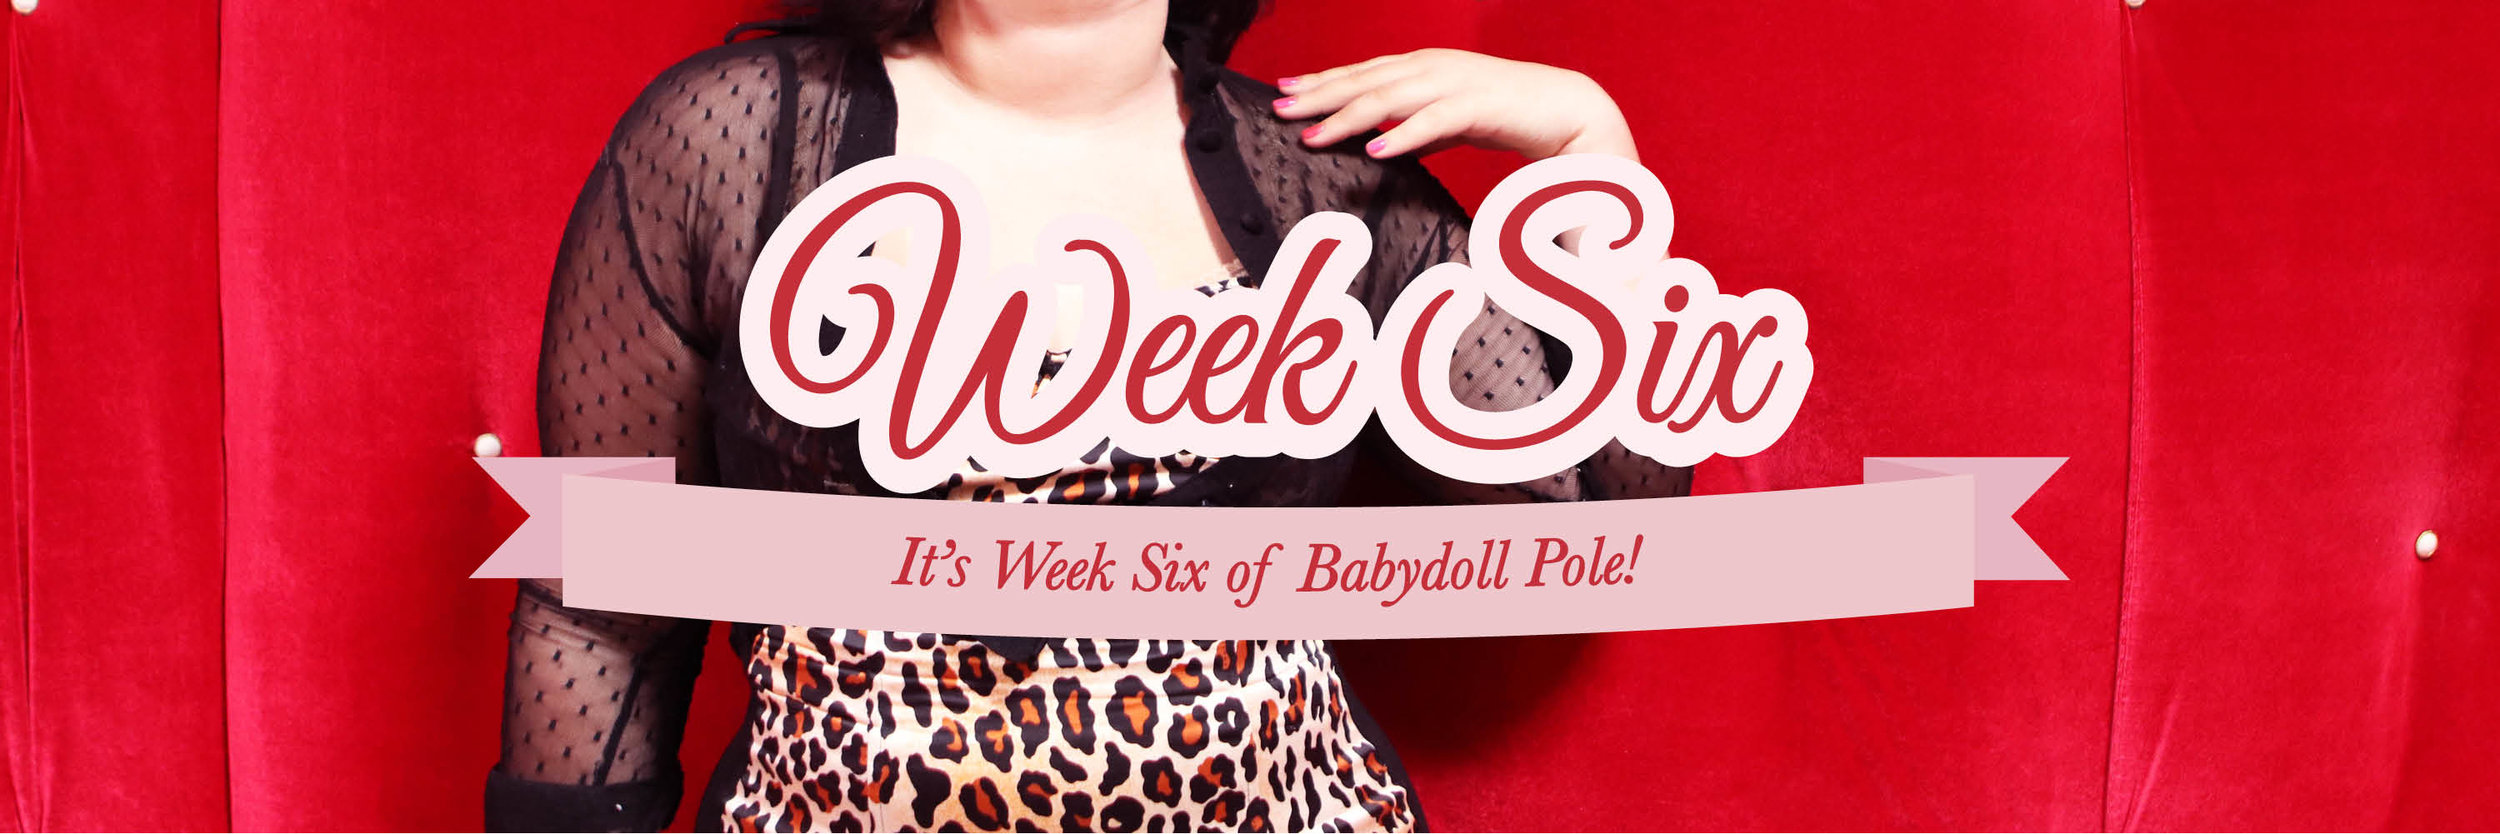 Week-6-banner.jpg